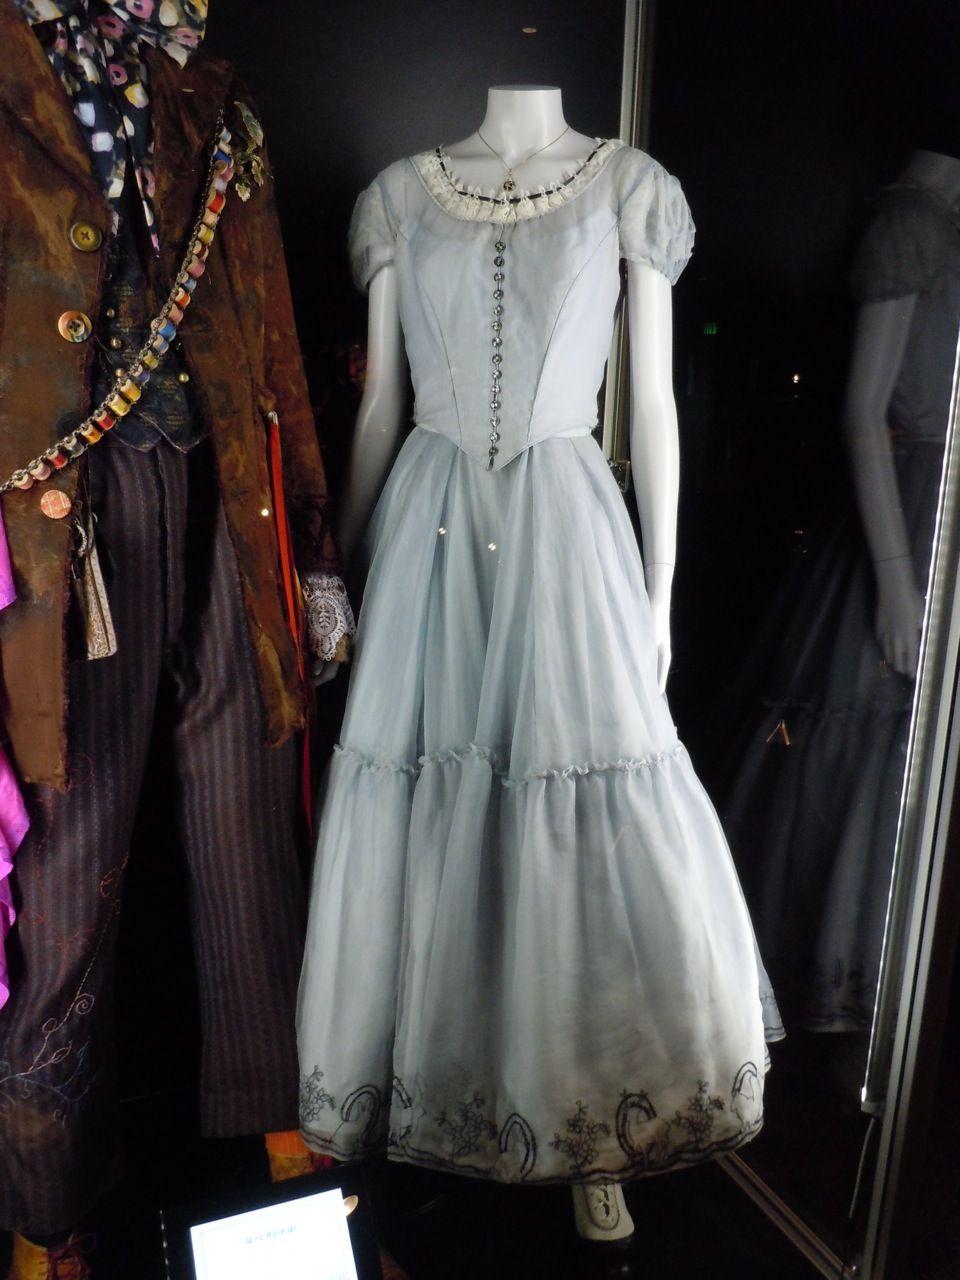 Alice's Dress from Tim Burton's Alice in Wonderland